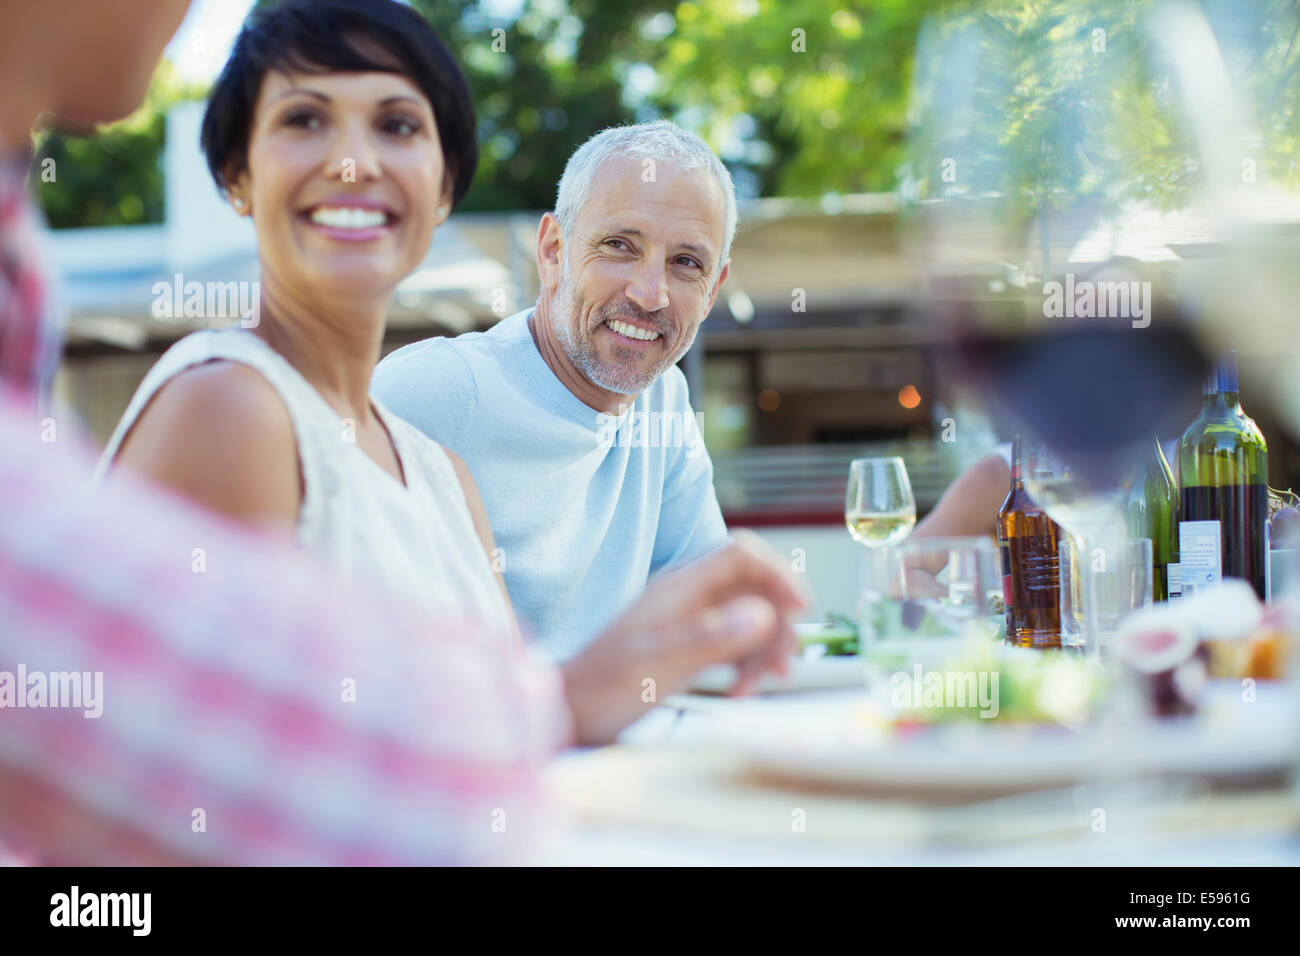 Coppia sorridente a tavola all'aperto Immagini Stock